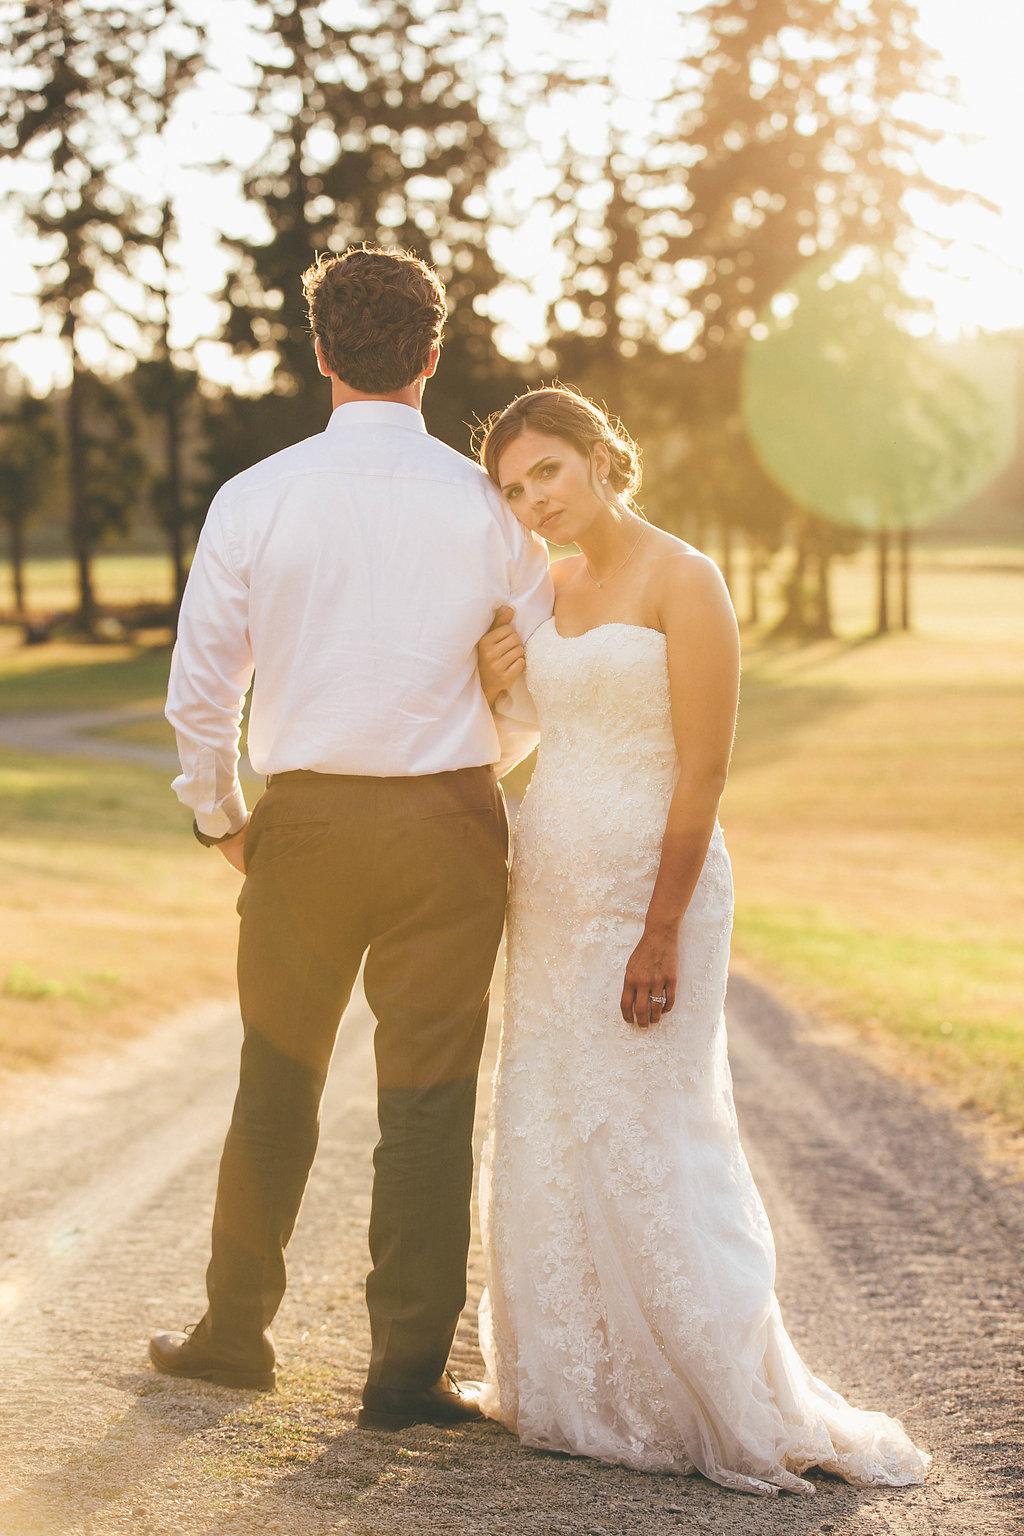 Erin+Tyson_The_Kelley_Farm_Wedding_by_Adina_Preston_Weddings_357.JPG